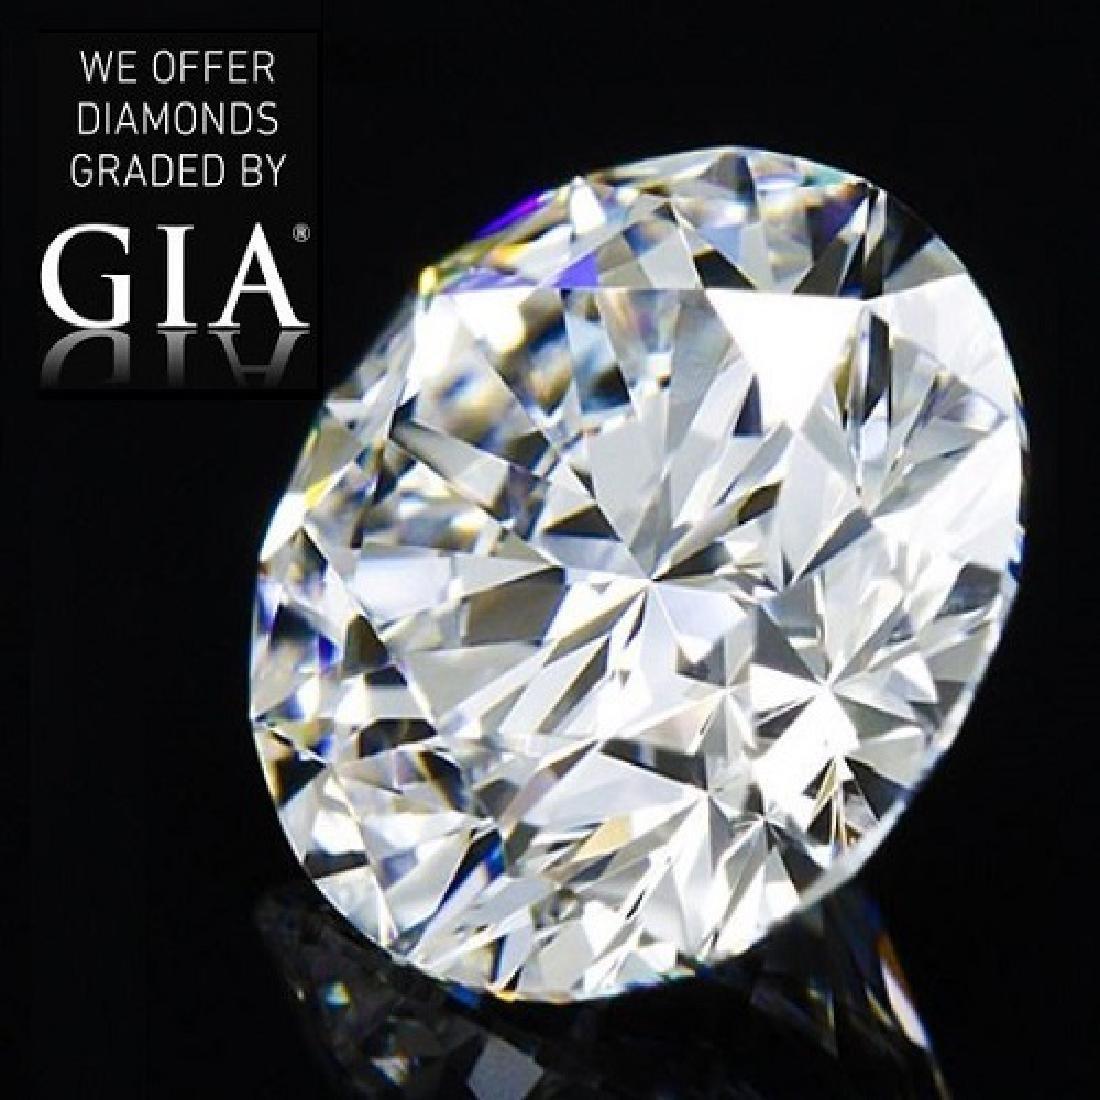 2.44 ct, Color H/VVS1, Round cut Diamond